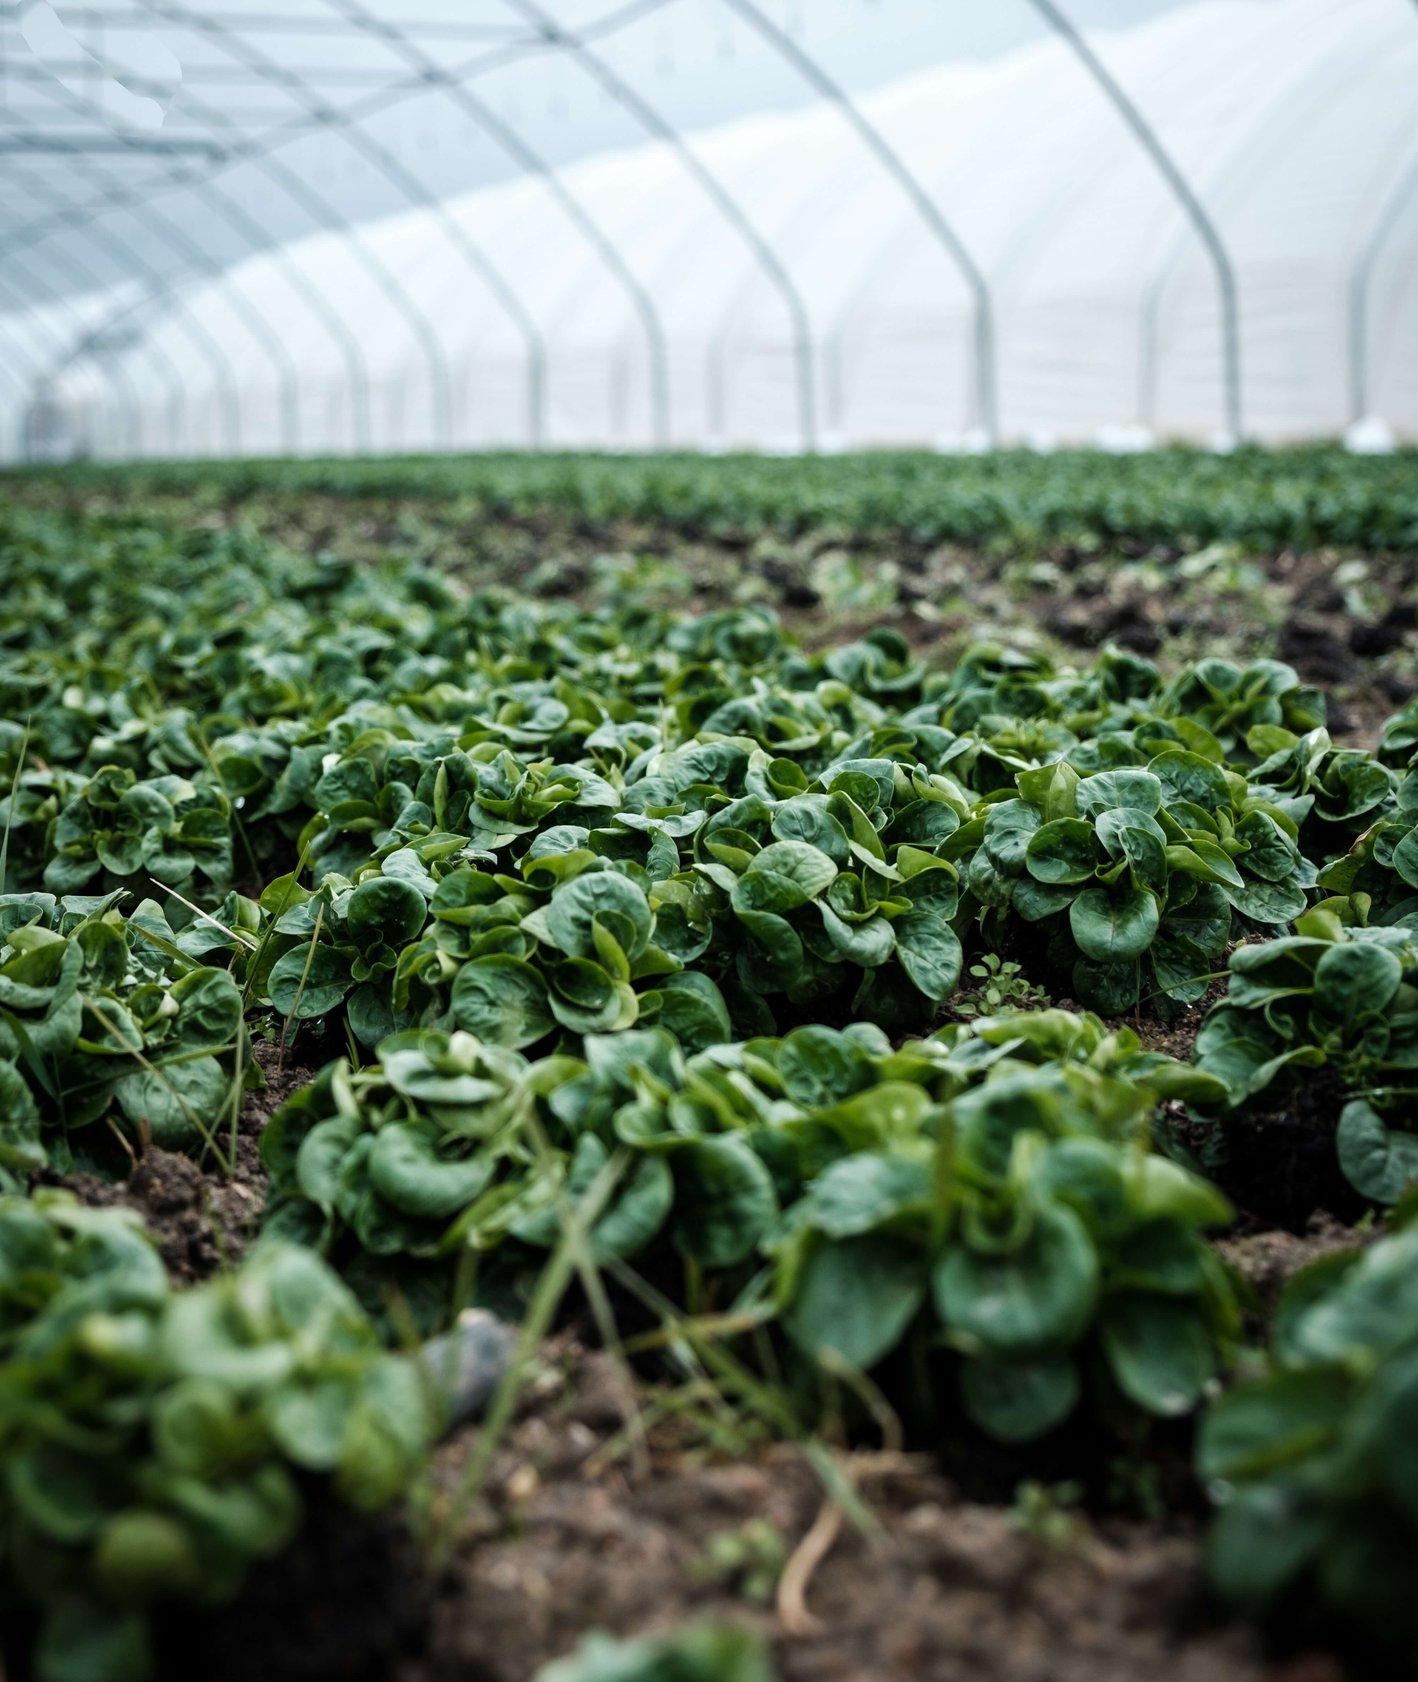 Ekologiczne uprawy (fot. Daniel Fazio / unsplash.com)